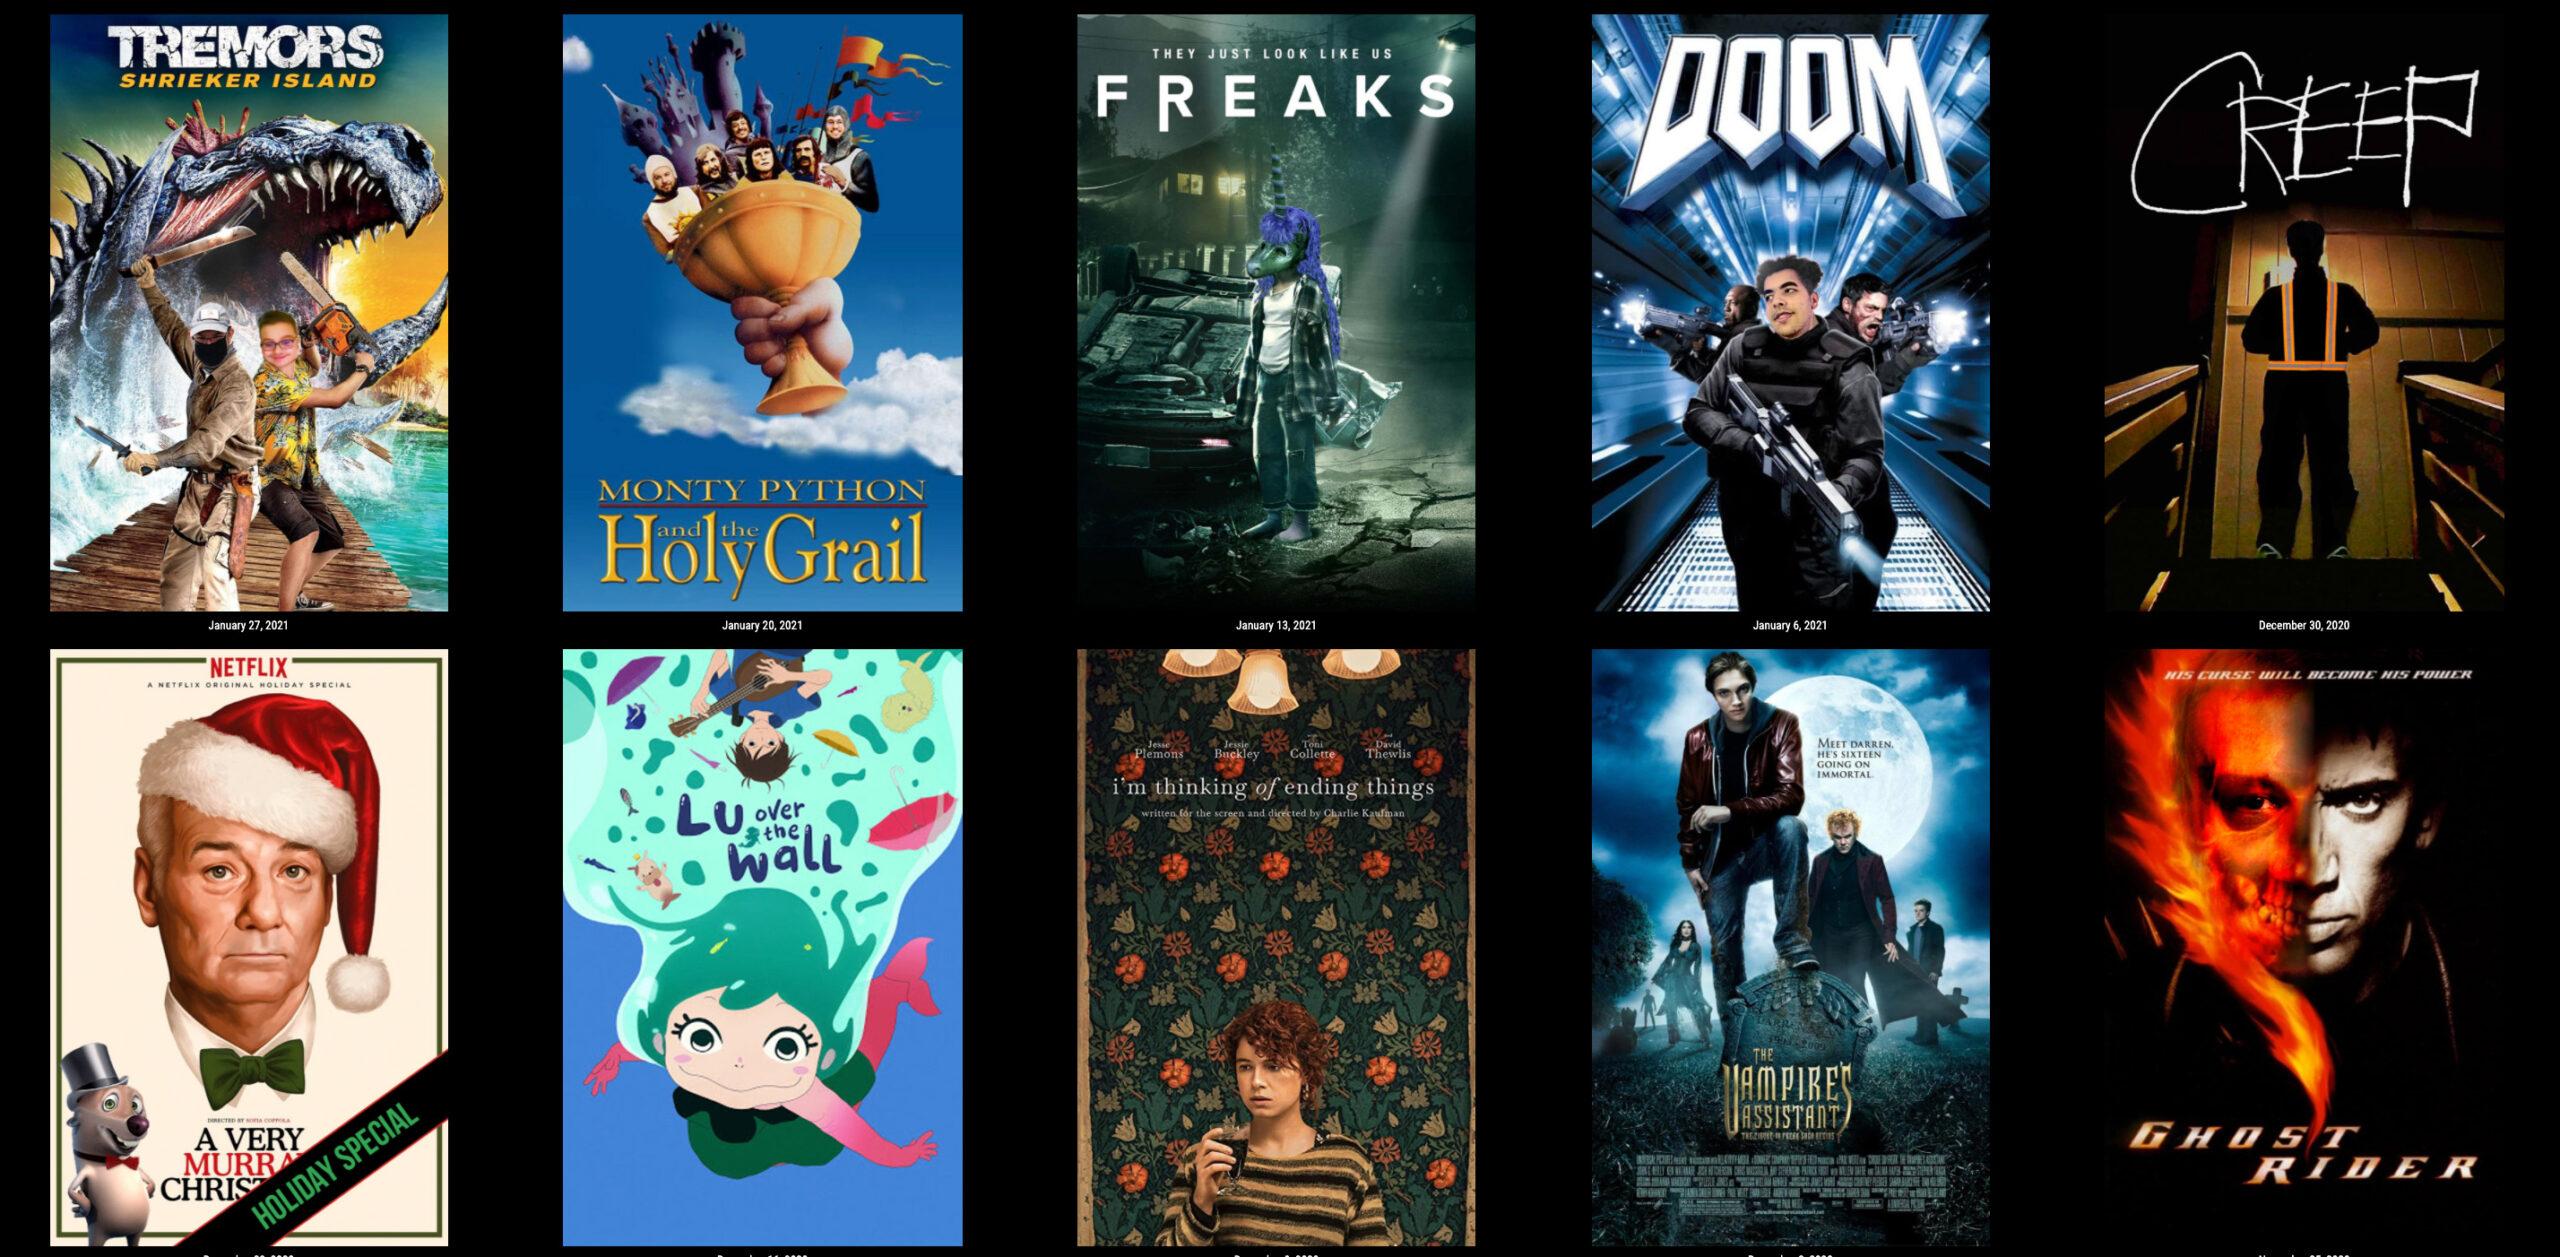 Movie night posters